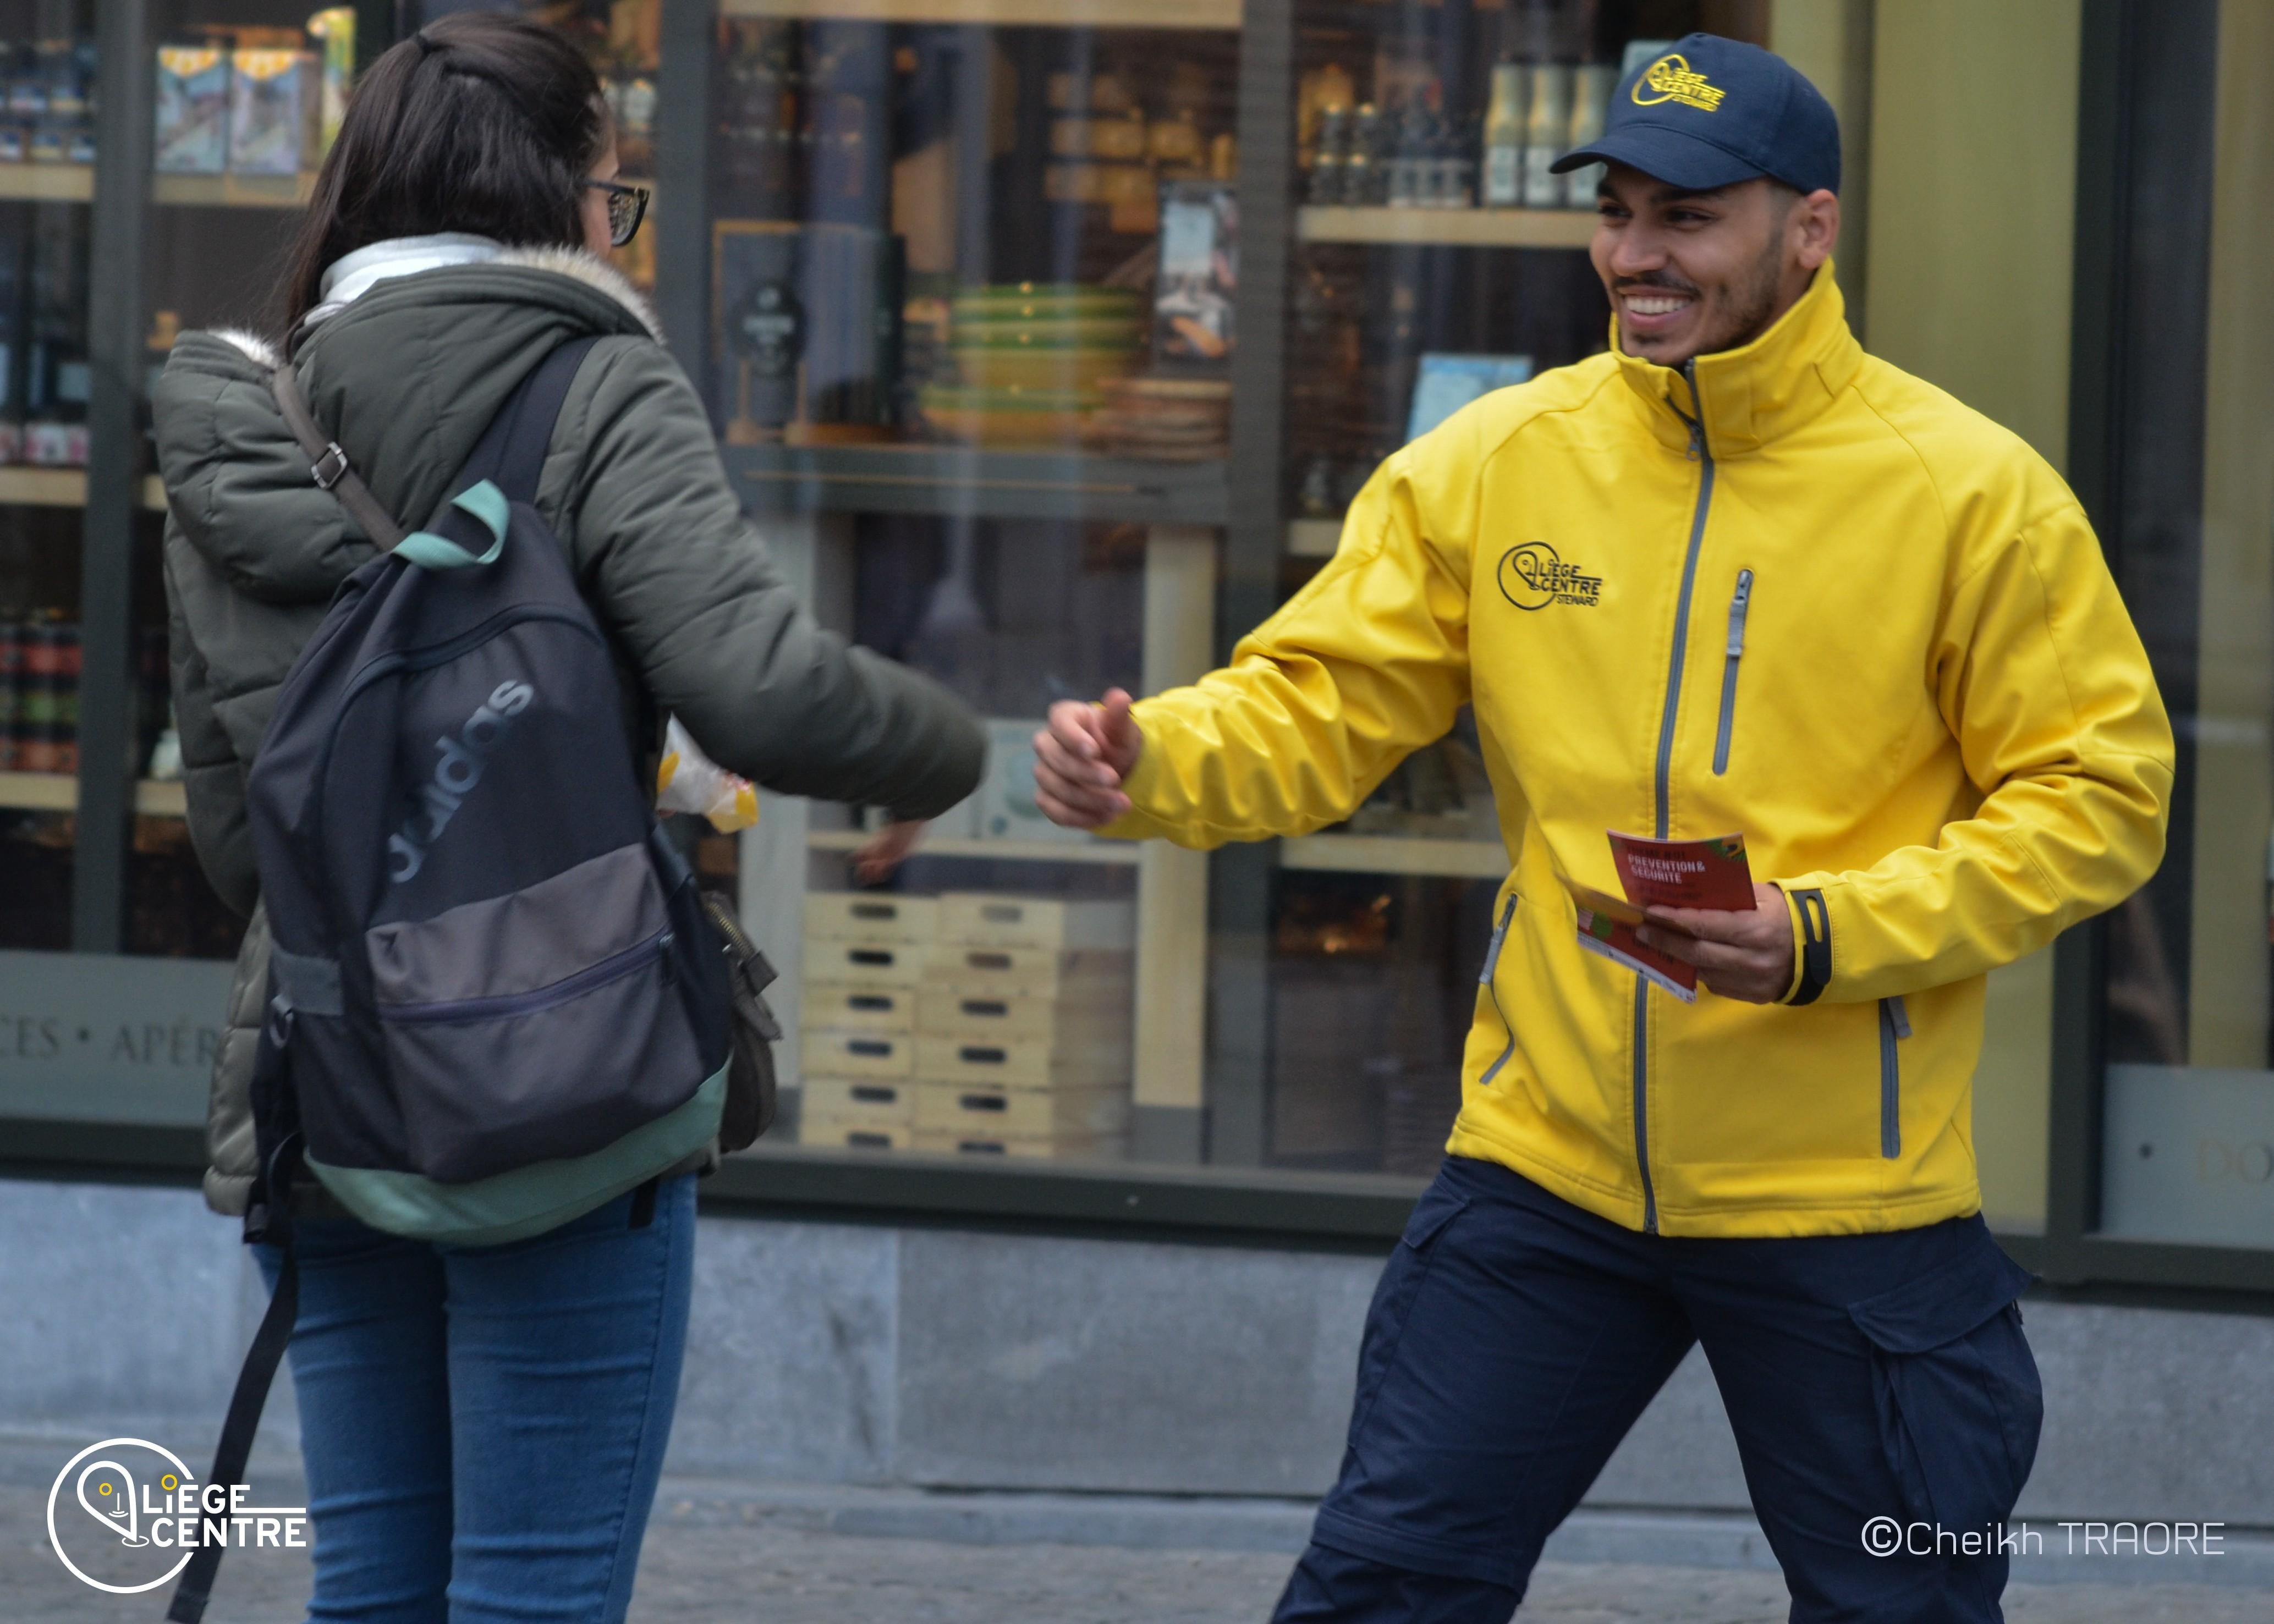 Valeurs ouverture : Steward à la rencontre des gens